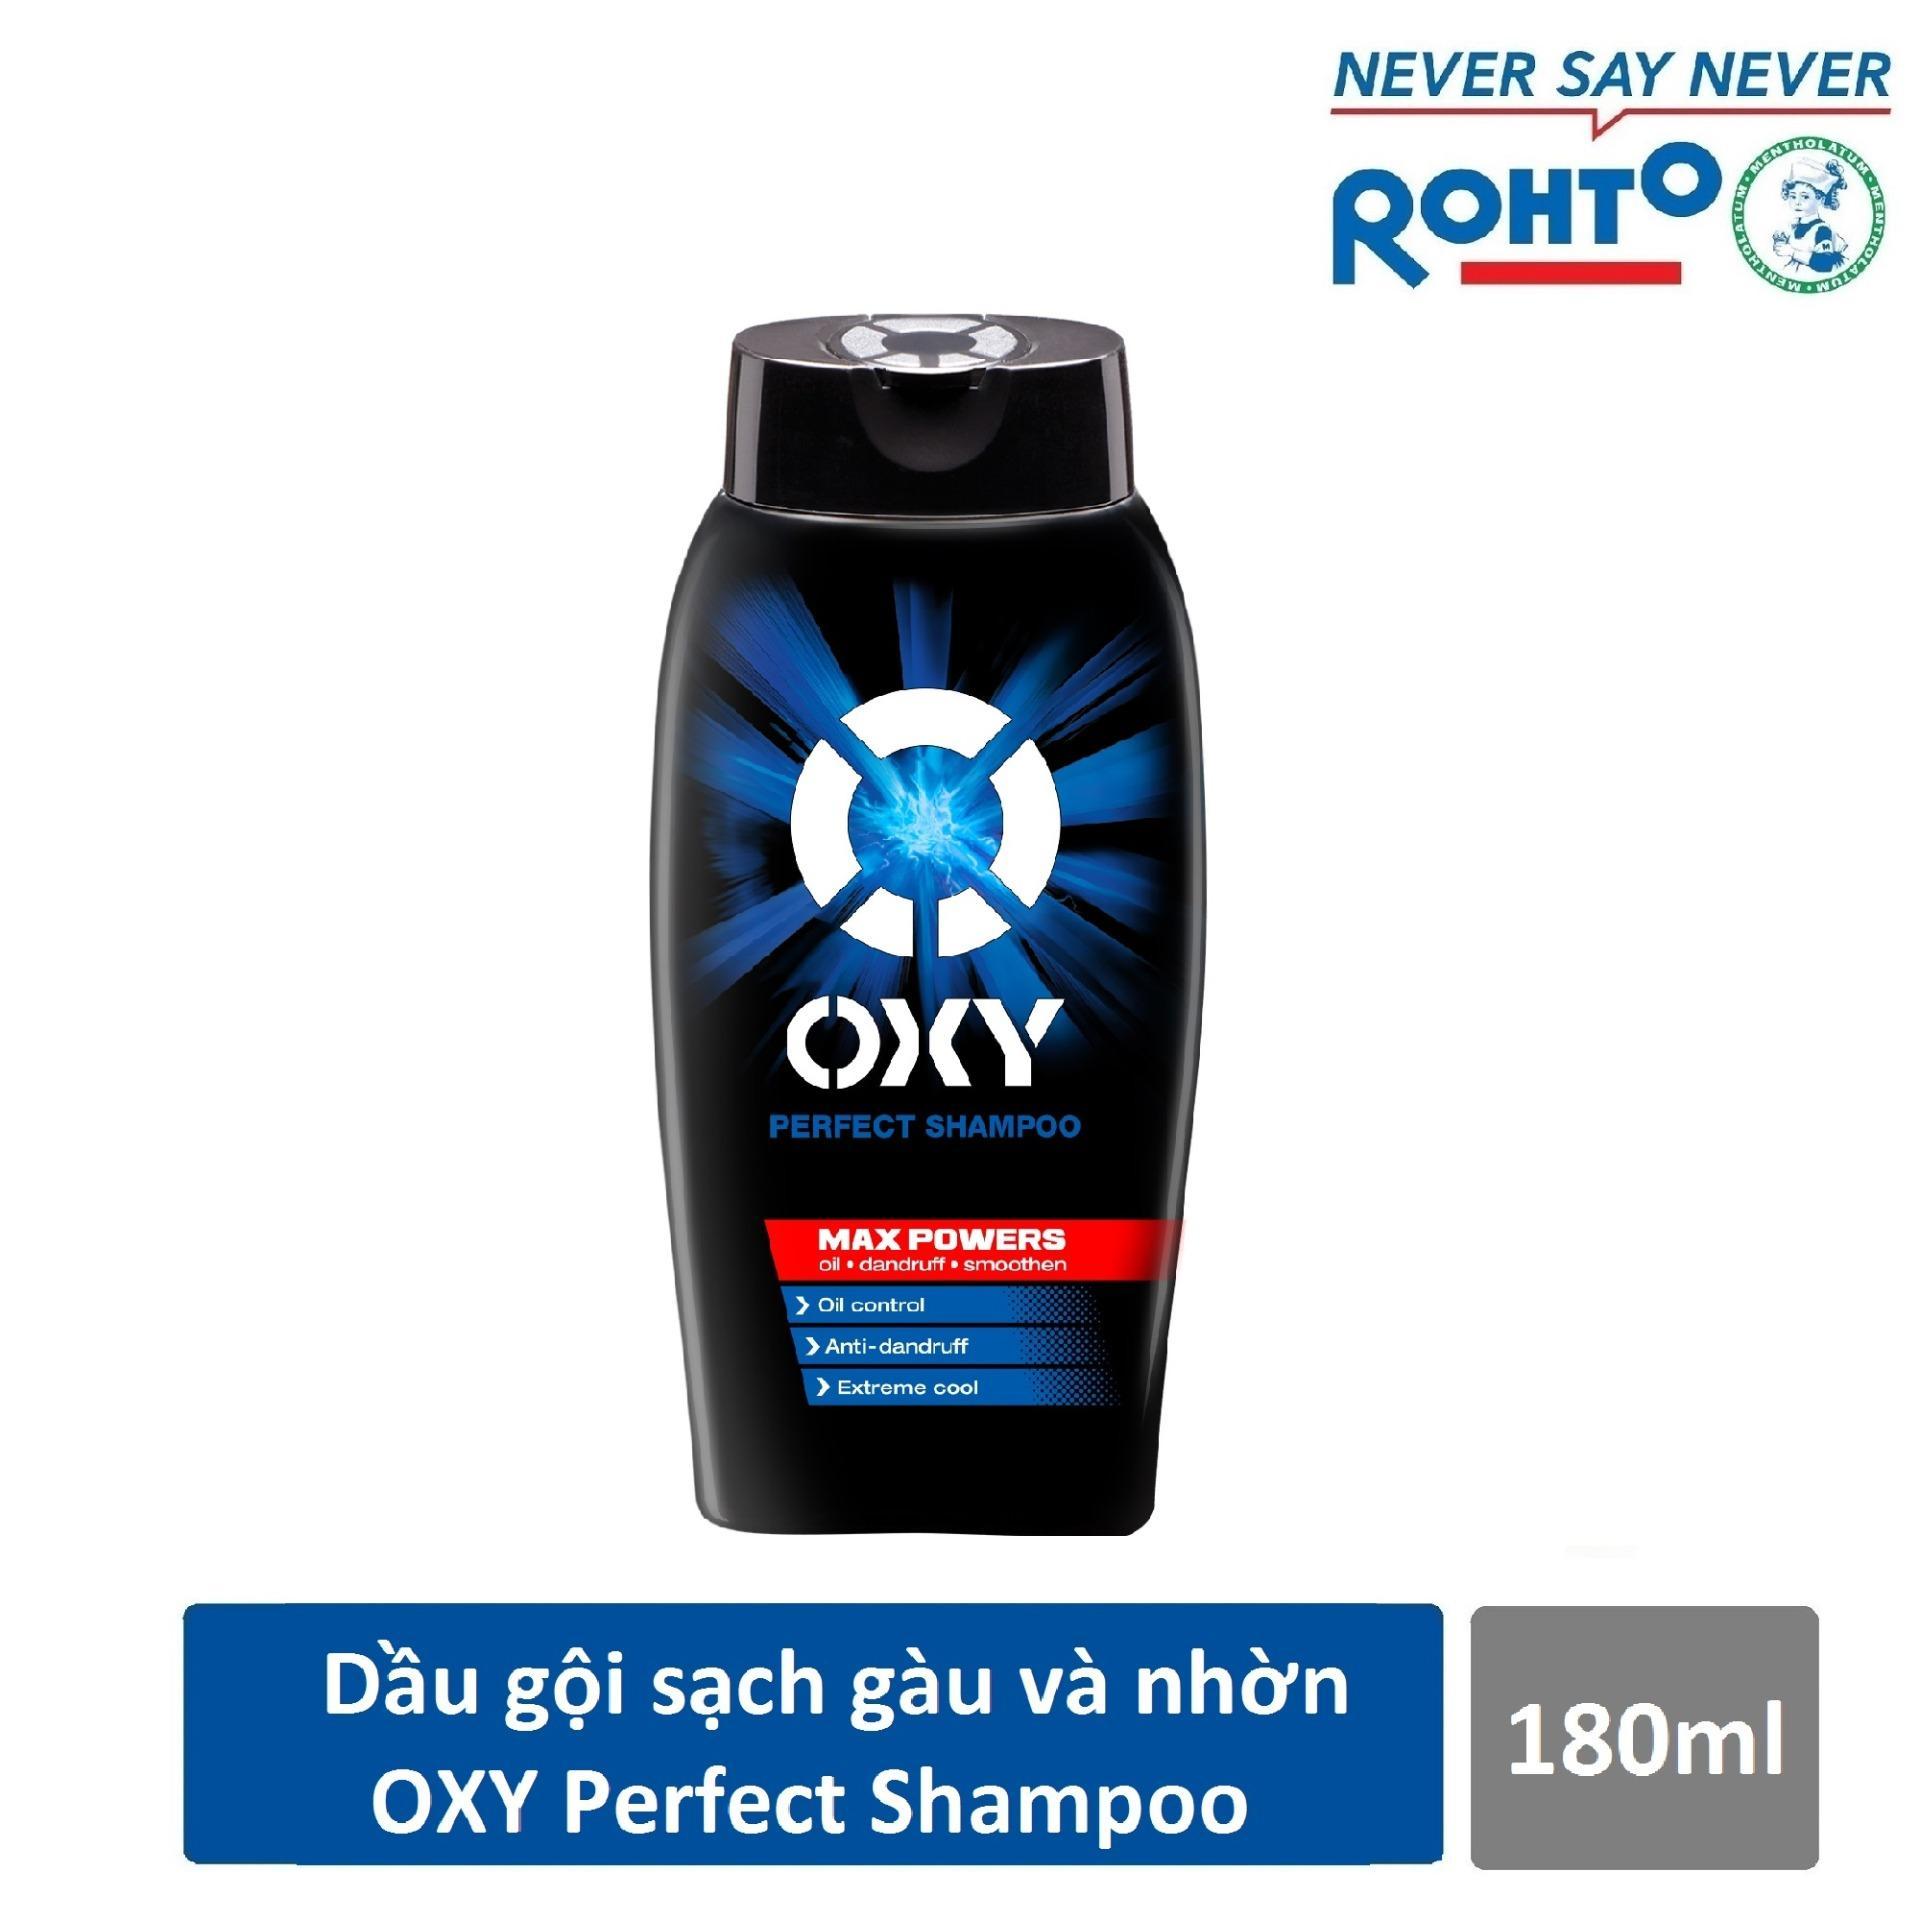 Dầu gội đánh bật gàu và nhờn cho nam Oxy Perfect Shampoo 180ml nhập khẩu